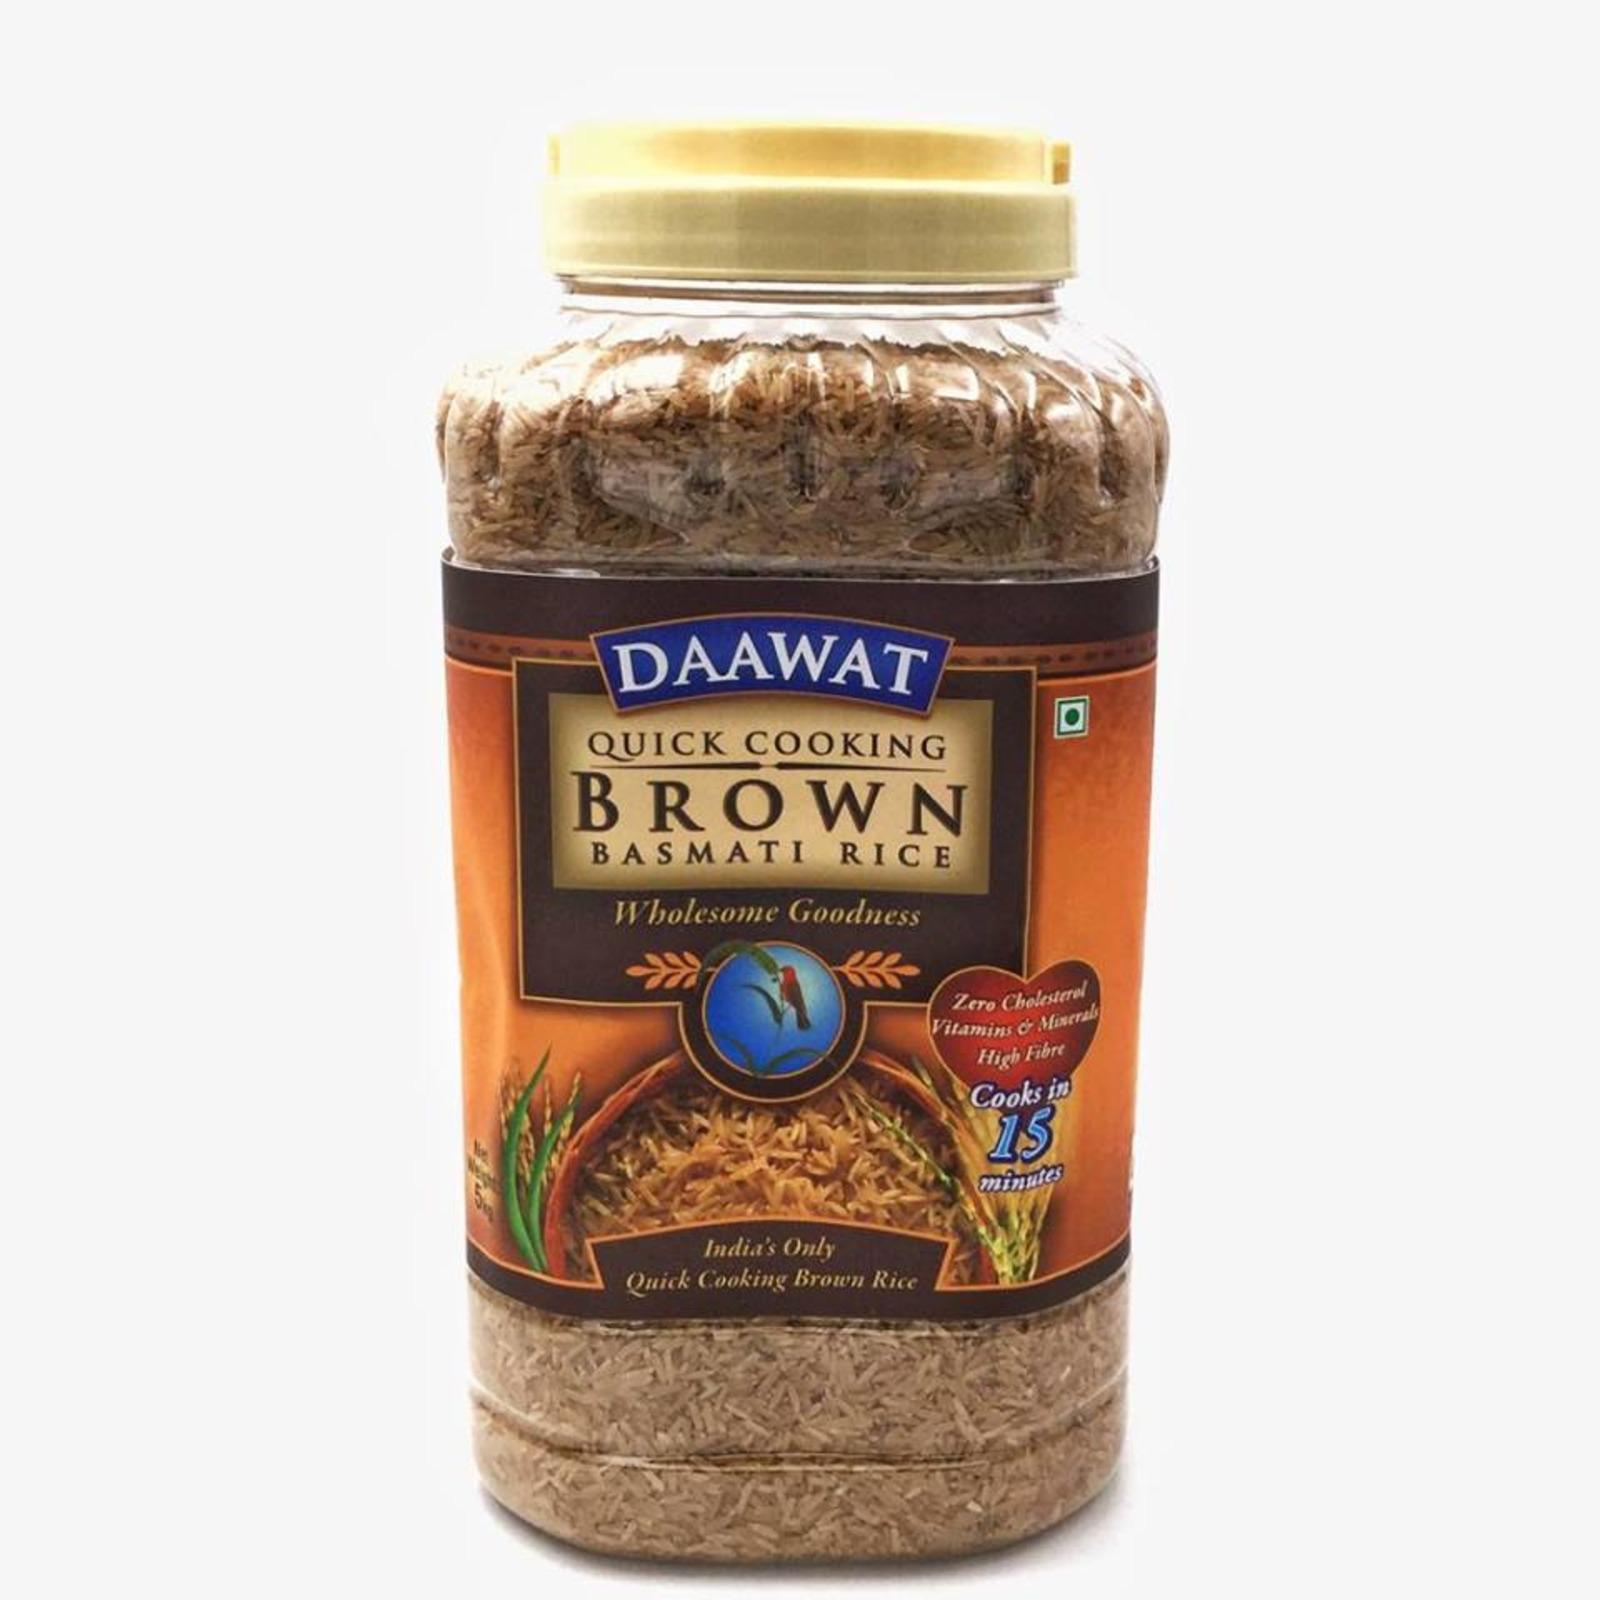 Daawat - Brown Basmati Rice